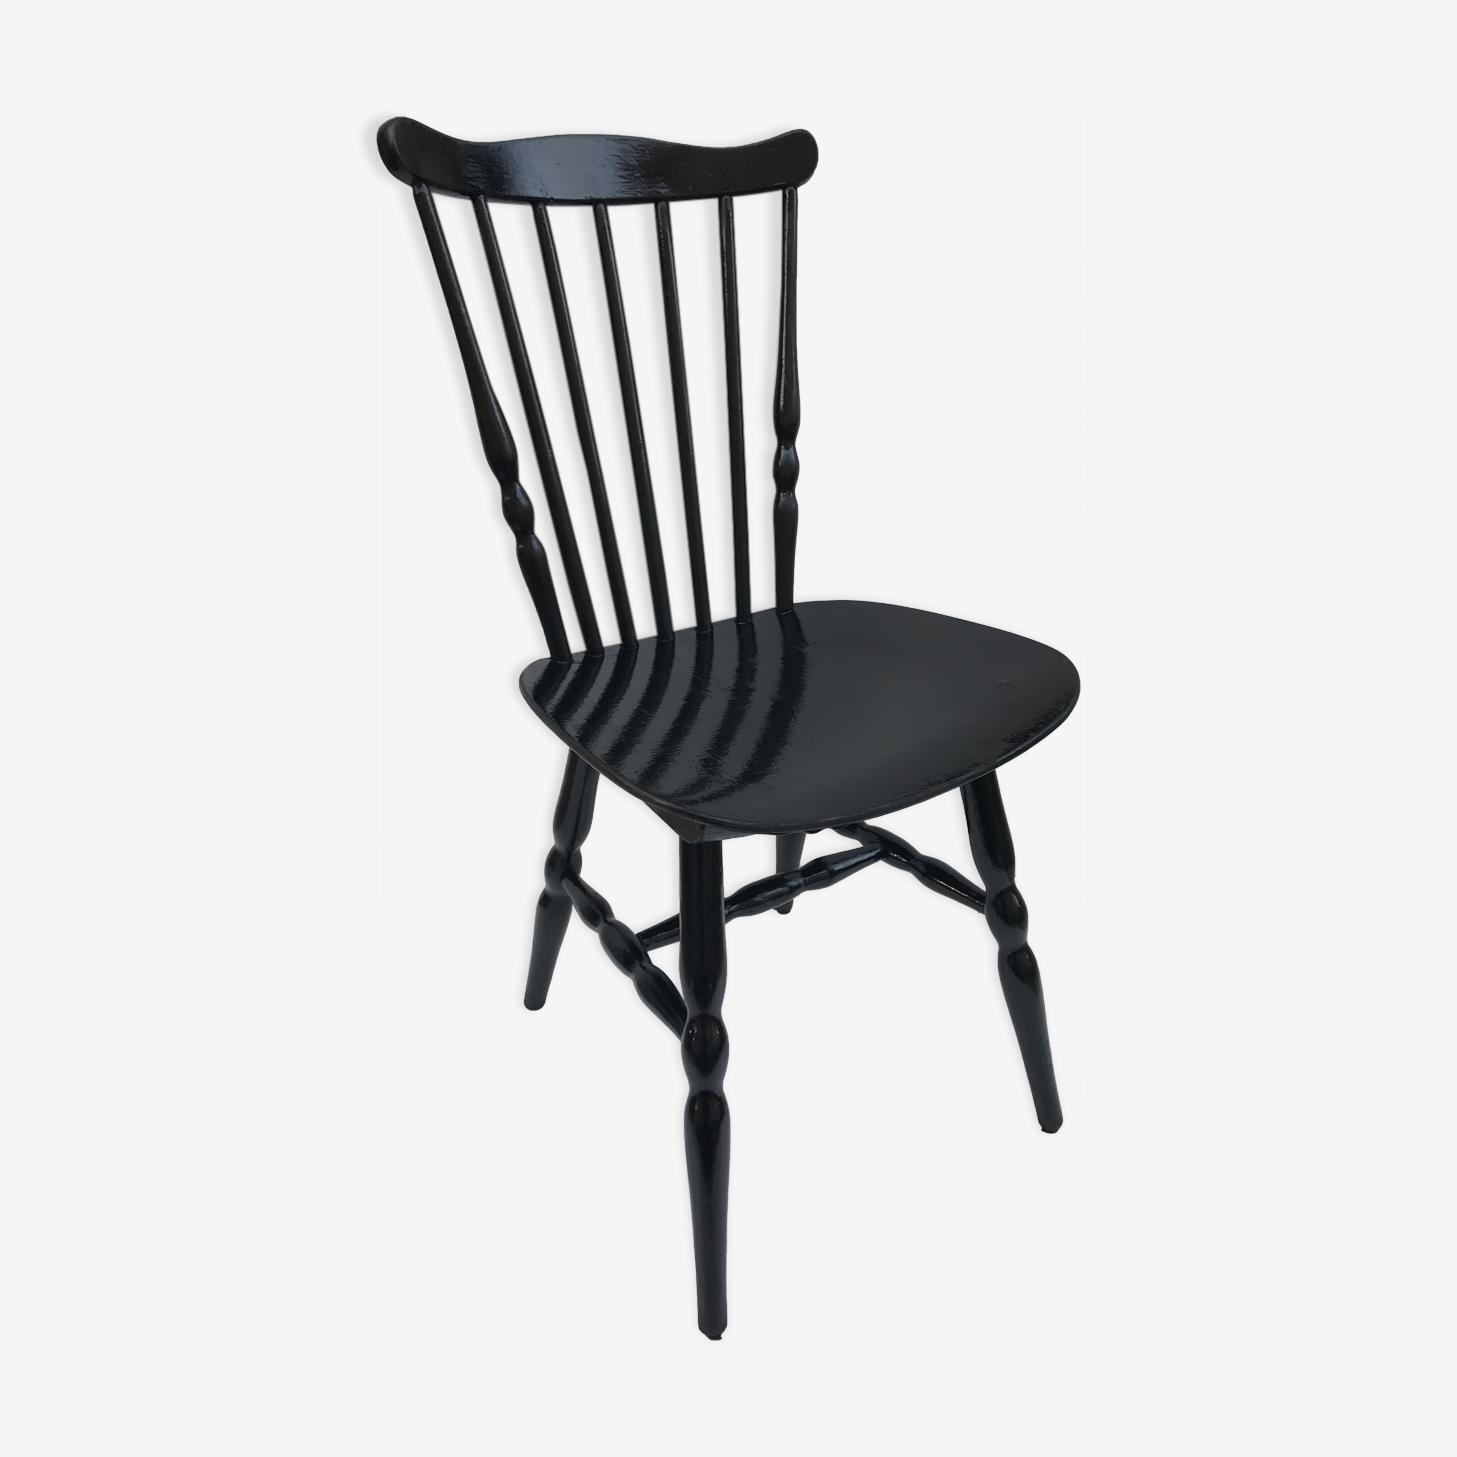 Chaise ancienne de bistrot Baumann western en bois noir vintage